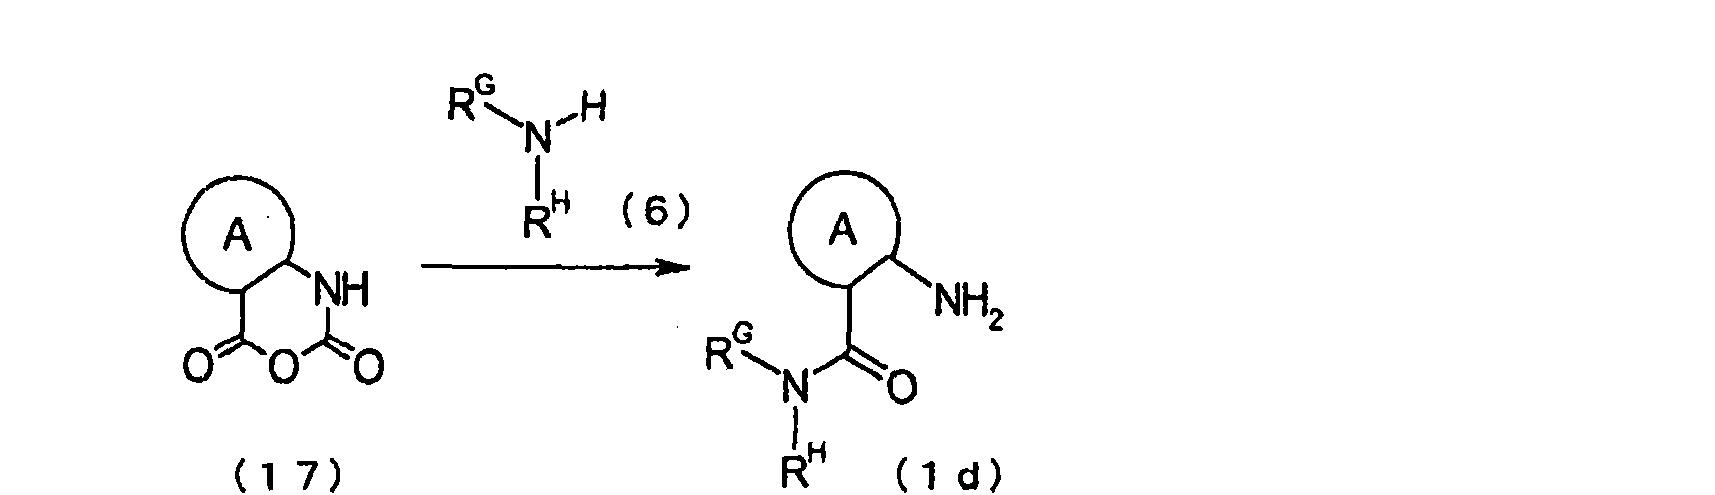 Figure CN101835764BD00243